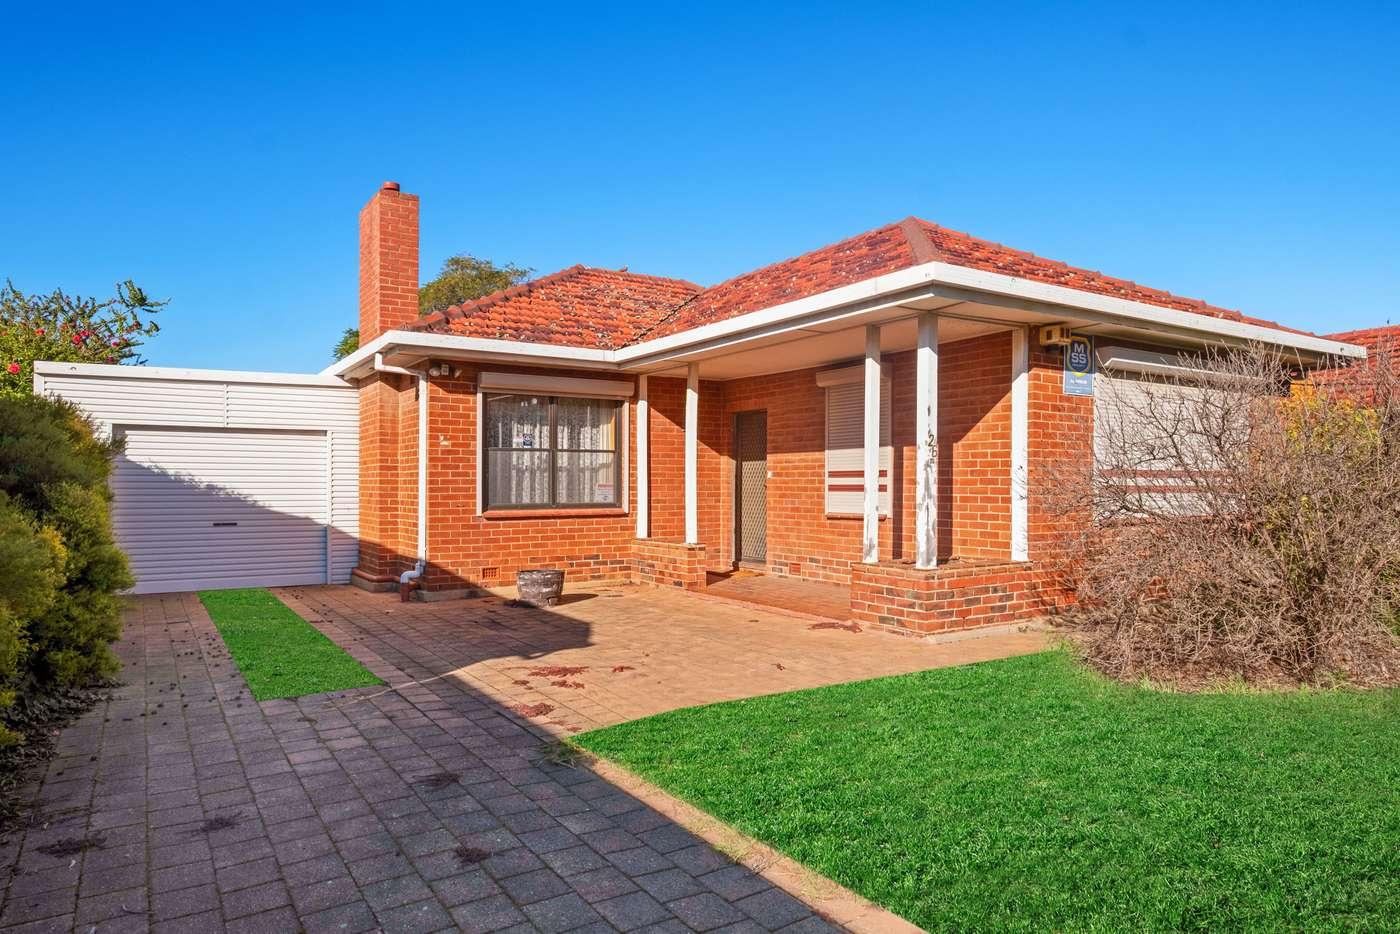 Main view of Homely house listing, 26 Nyonga Avenue, Croydon Park SA 5008